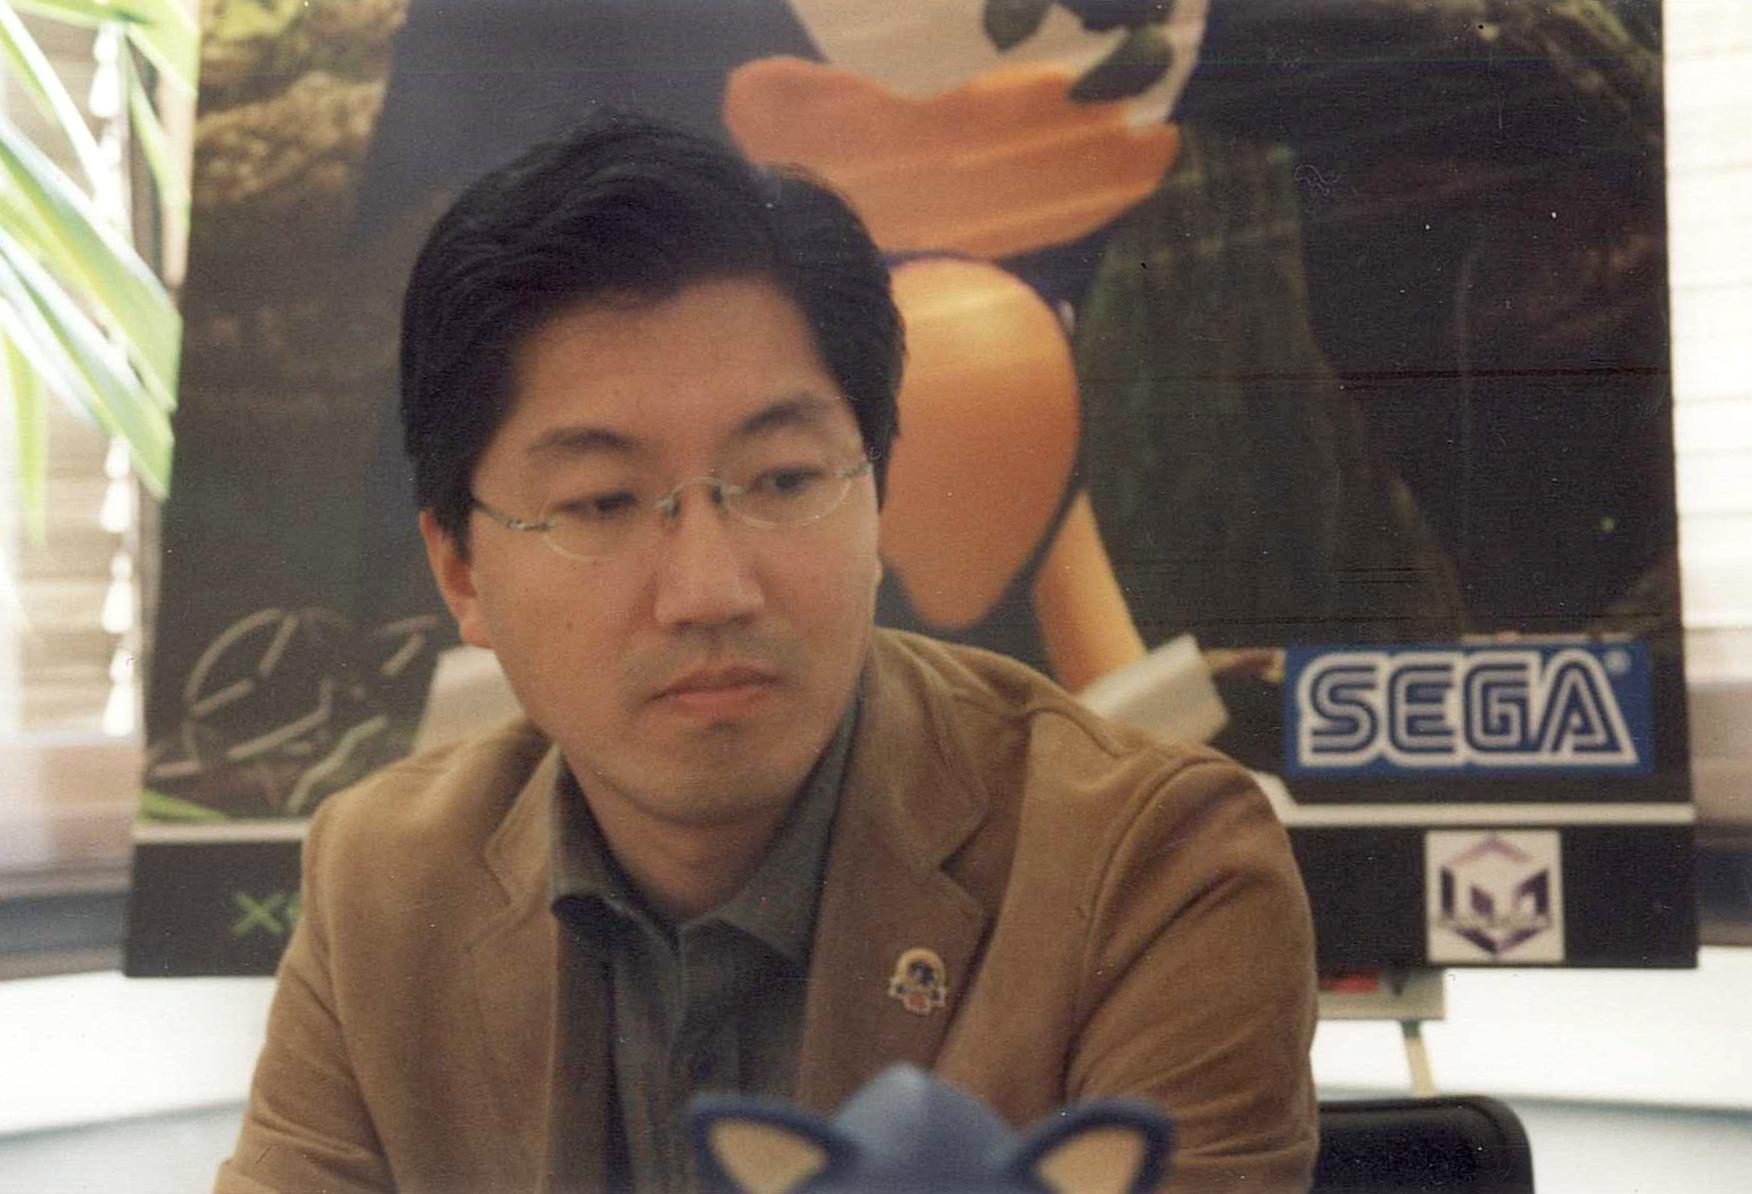 Yuji Naka visibilmente incazzato. A un certo punto Sega ci invita a intervistare Yuji Naka per non so quale più Sonic (non importa, non me ne è mai piaciuto uno, ma forse era Phantasy Star Online, in ogni caso non mi piaceva nemmeno quello). Il gioco non interessava né a me né al Mao (che era con me per l'intervista) e abbiamo cominciato a tempestarlo di domande di varia natura. La settimana prima un dirigente di Microsoft ci aveva detto in via ufficiosa al lancio dell'Xbox (il primo) che Naka stava lavorando al seguito di Nights. Abbiamo chiesto conferma e il caro Yuji ha fatto questa faccia, chiudendosi definitivamente nel mutismo. Grazie mille Yuji! Nota: in questa foto non ci sono io, non ci sono i miei colleghi, non c'è l'ufficio. Ma è un episodio a cui sono molto affezionato e poi almeno in questa foto c'è una persona che qualcuno può riconoscere.